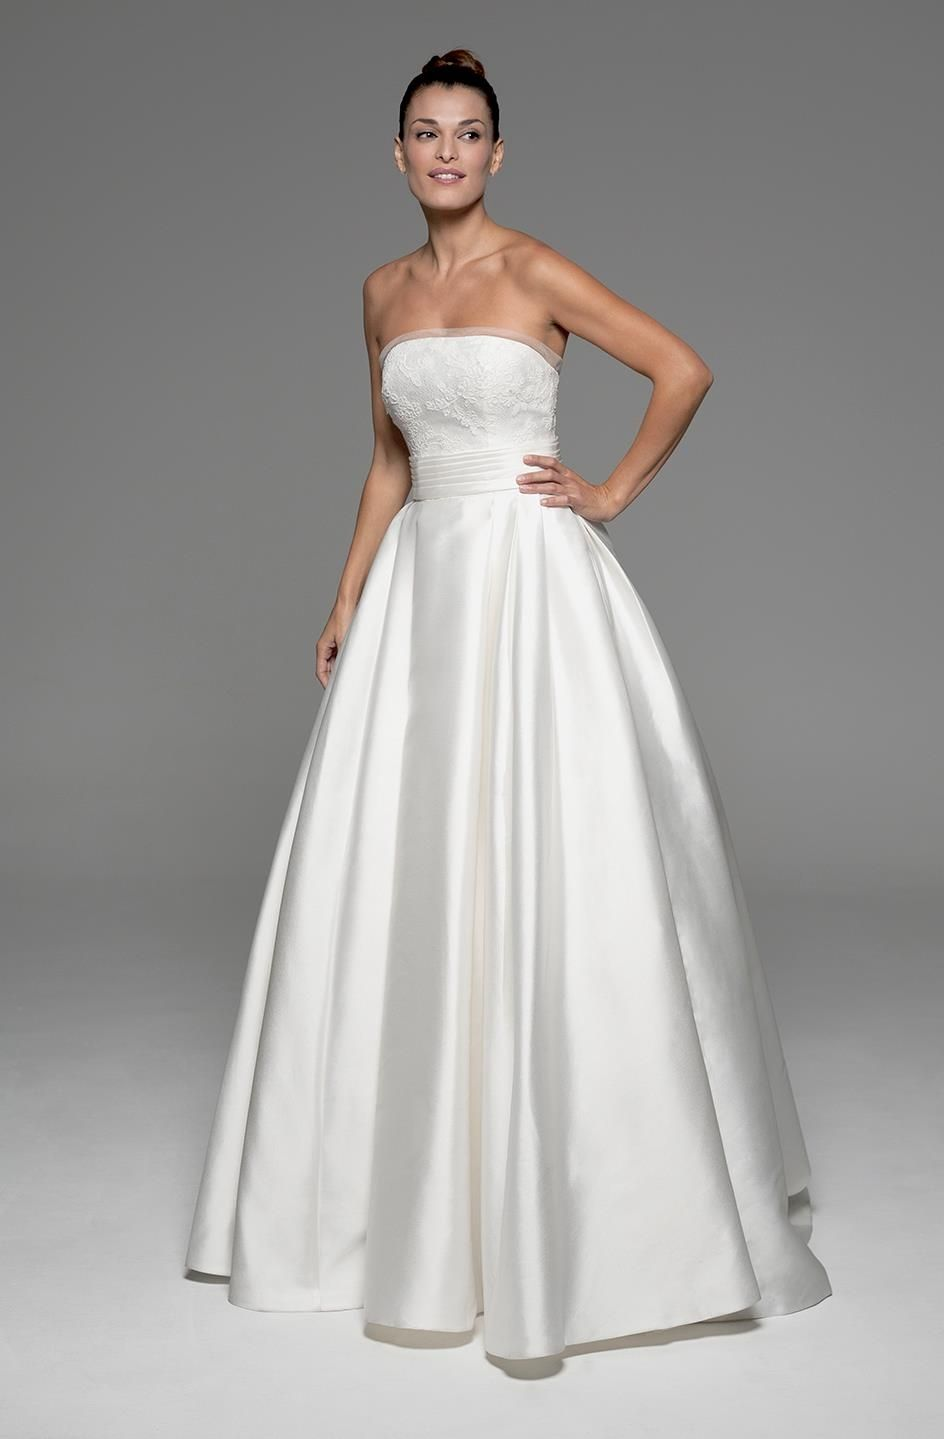 Renta de vestidos de novia precios